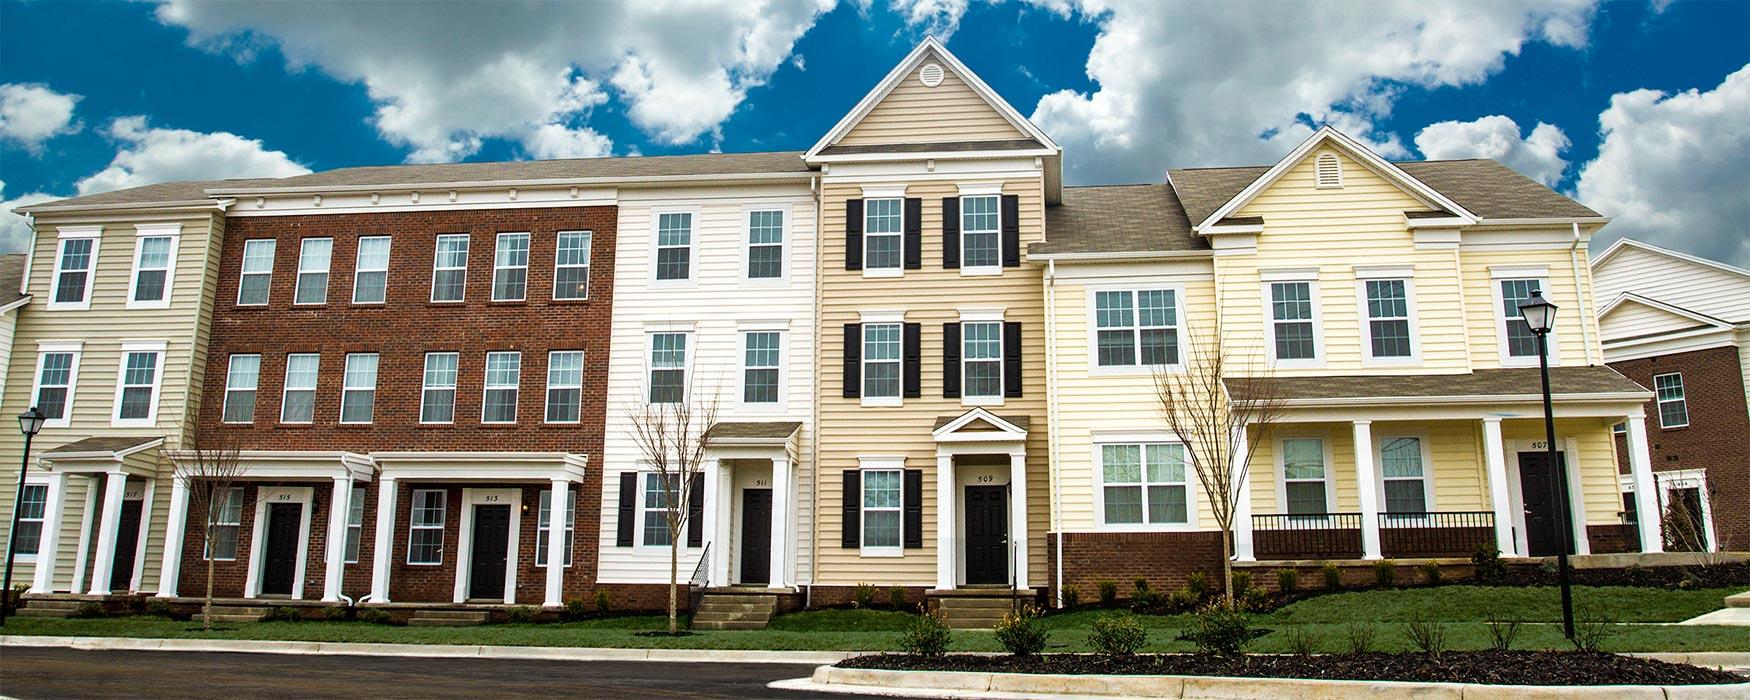 3 Bedroom Apartments Louisville Ky 4403 Plantus Pl